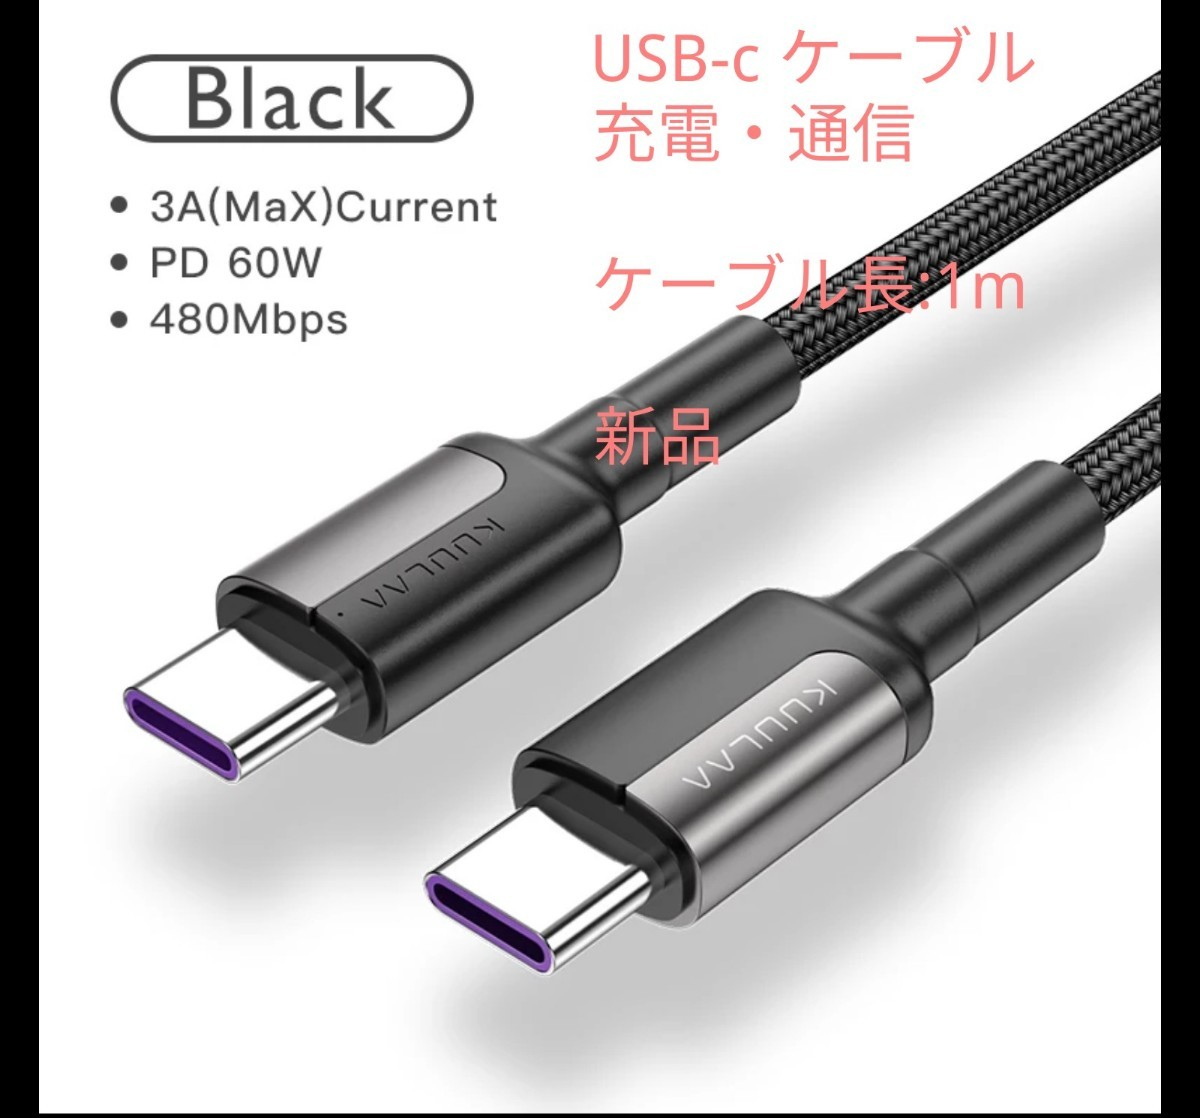 新品 Kuulaa USB C to USB Cケーブル 1m Type C 黒